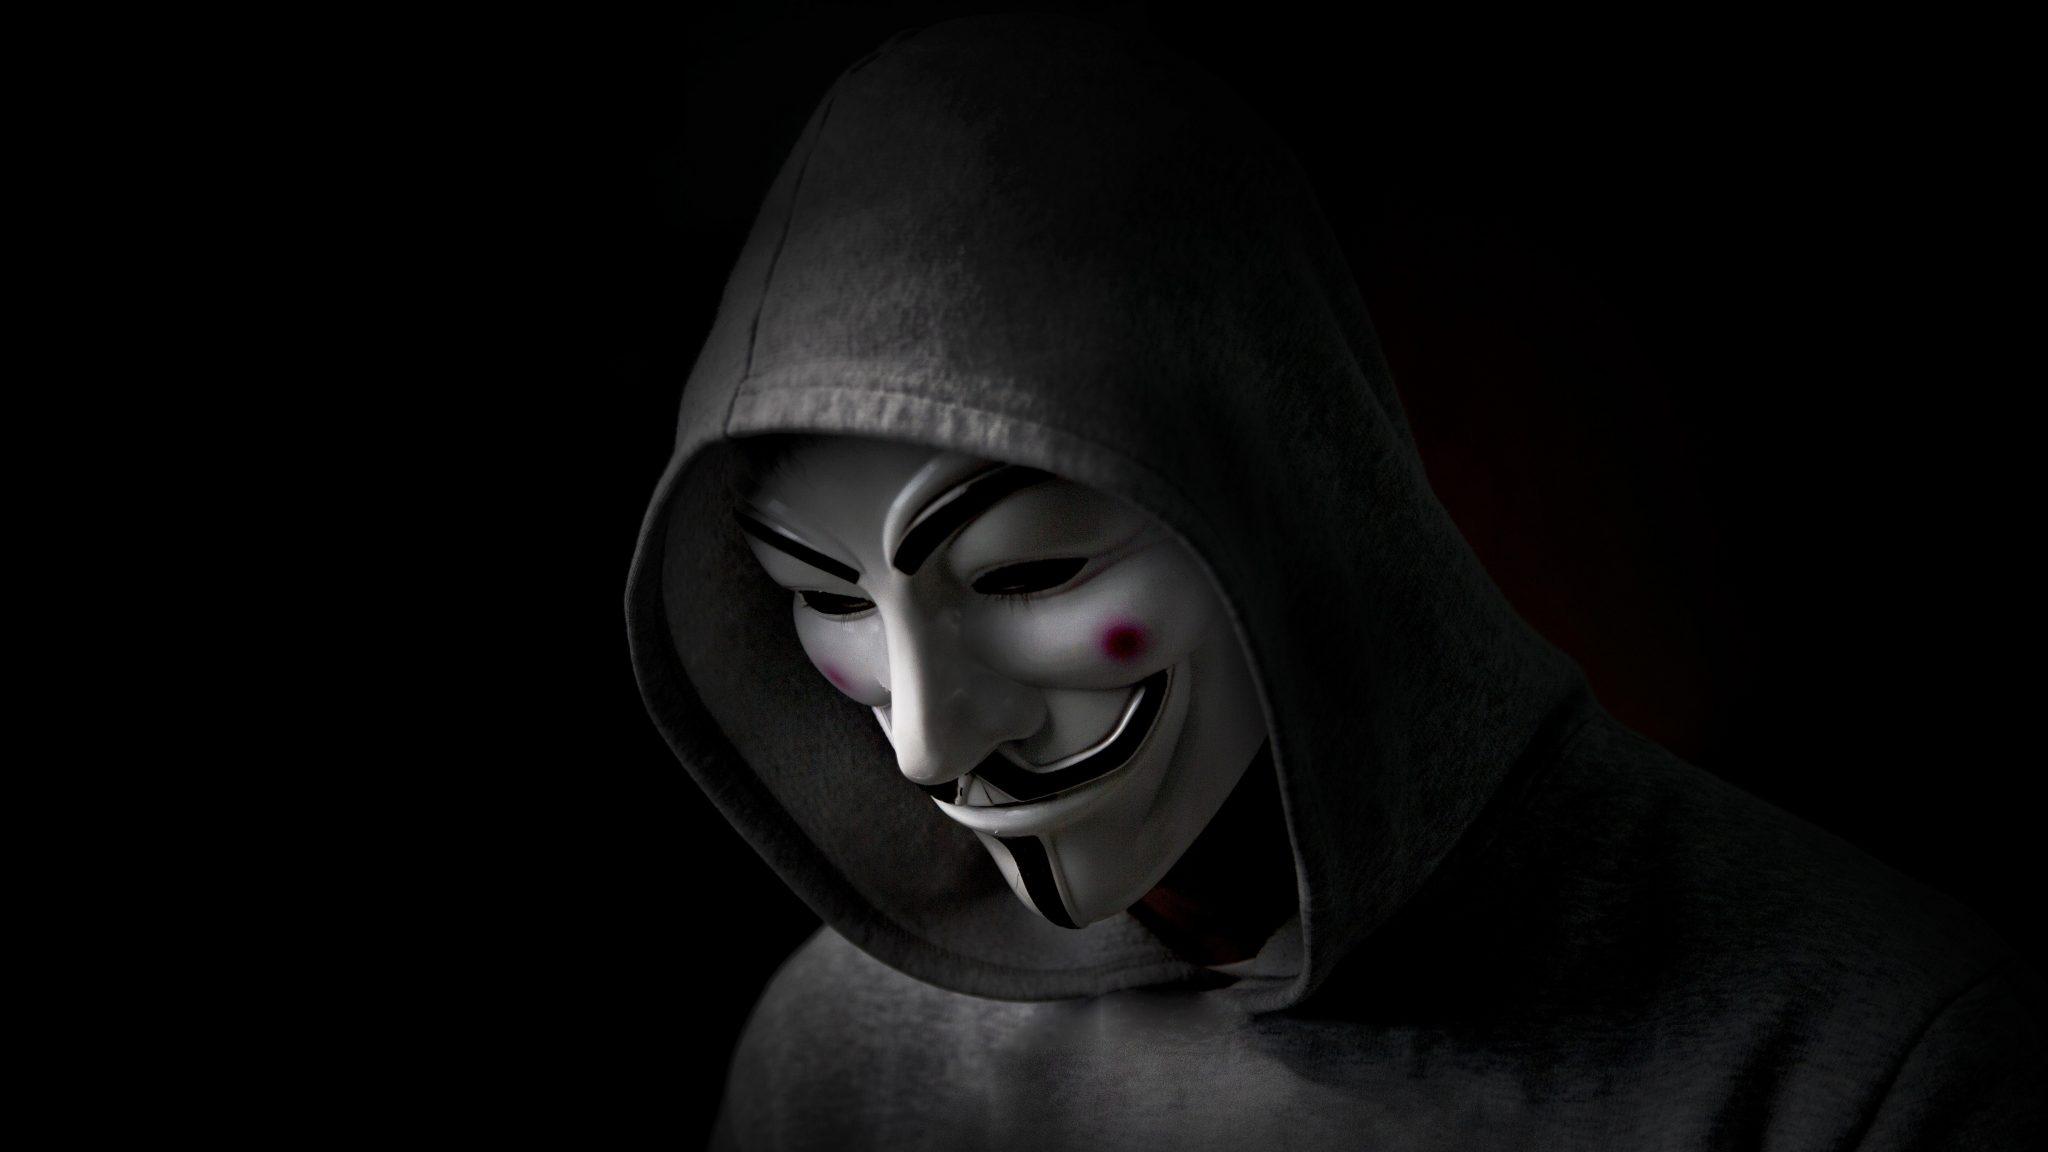 V For Vendetta Mask Wallpaper Army Anonymous v for Vendet...